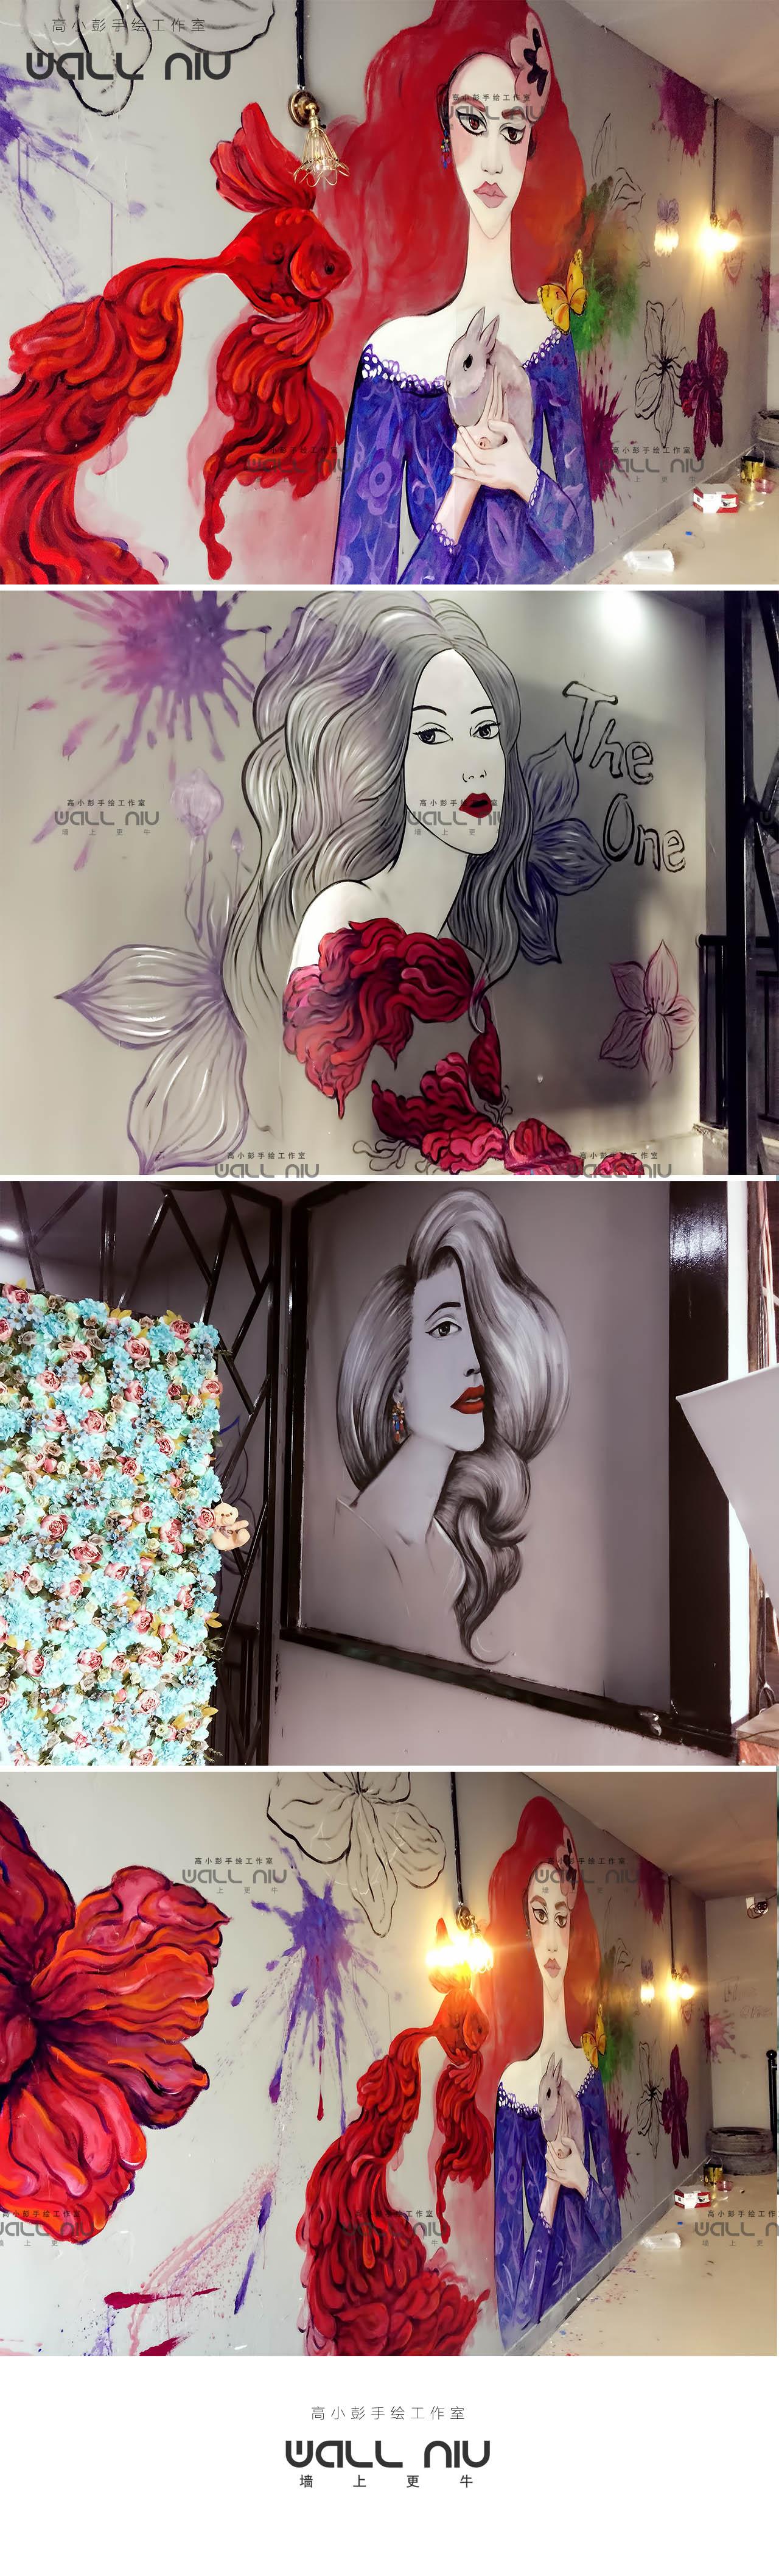 理发店墙绘-高小彭手绘|邢台彩绘|墙绘